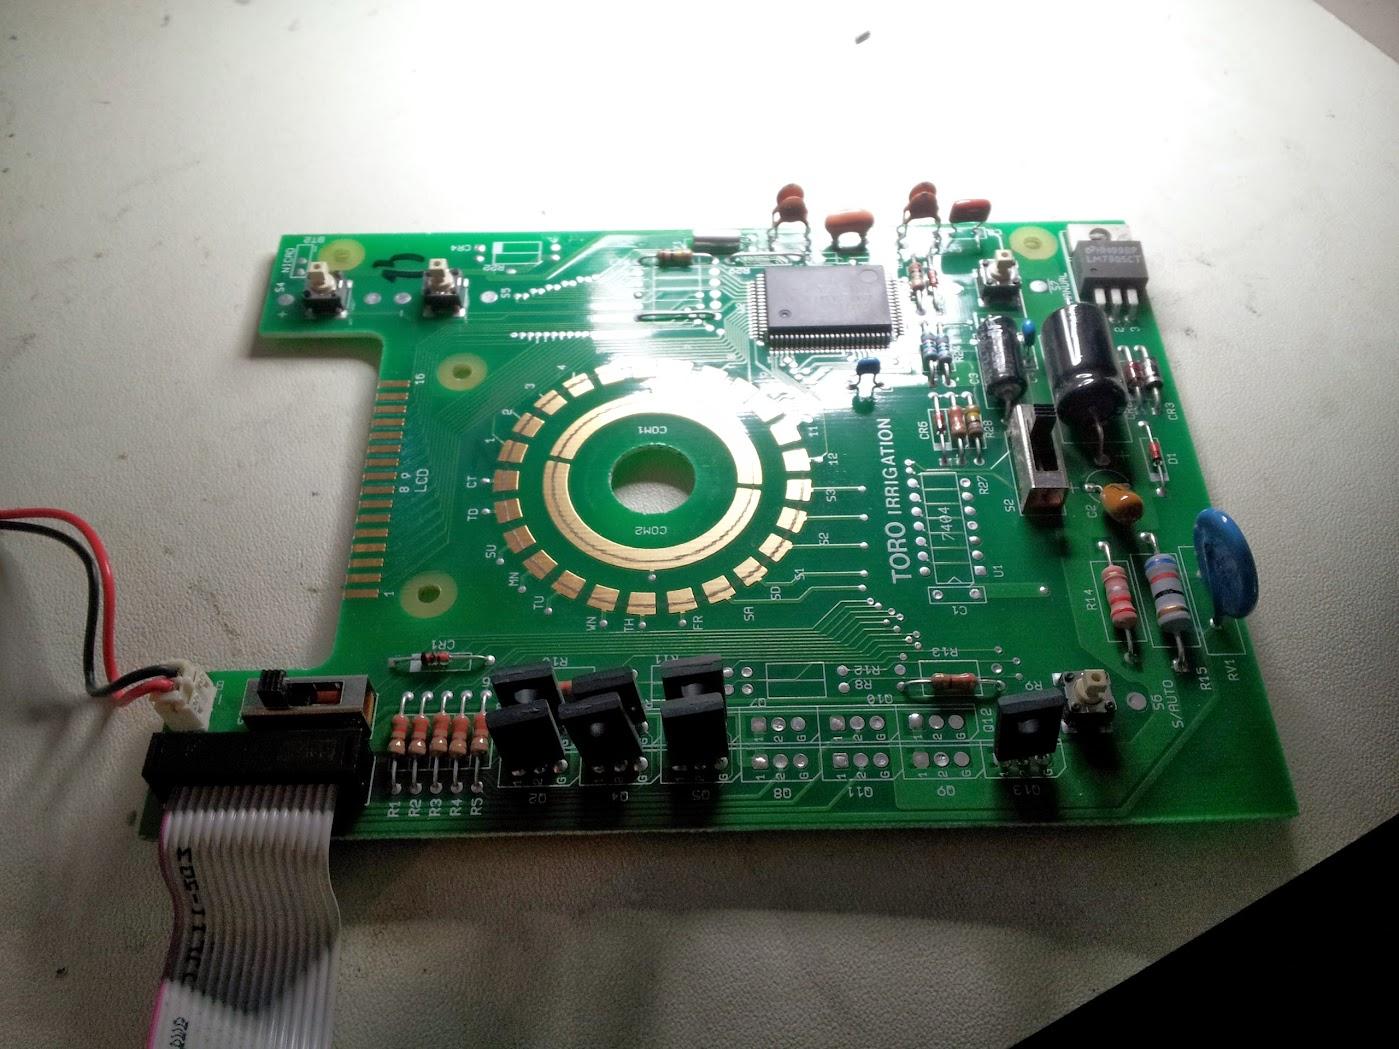 Irritrol Rd1200 Sprinkler Controller Repair Dr Terrible